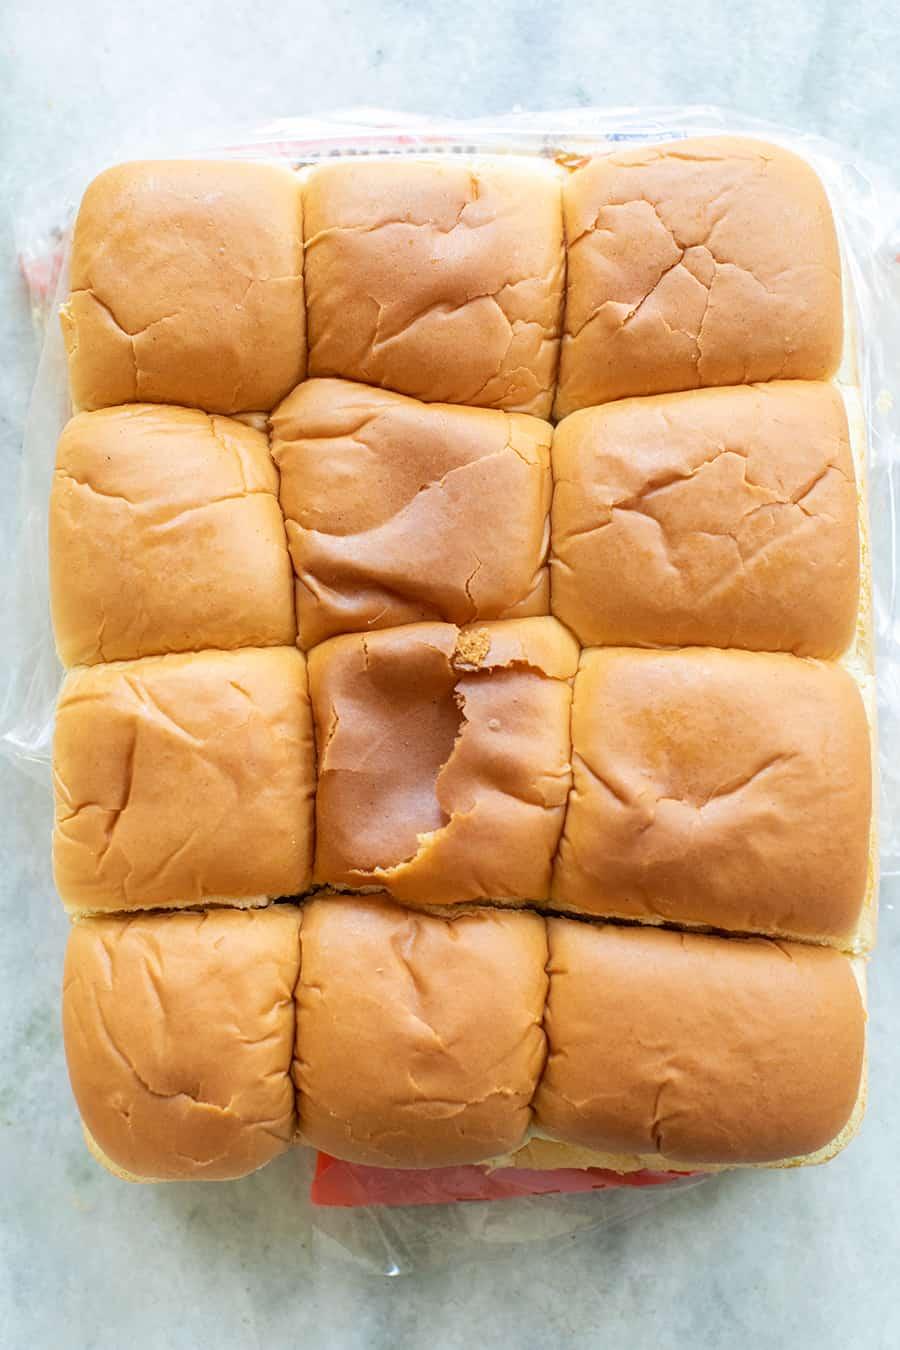 Hawaiian buns